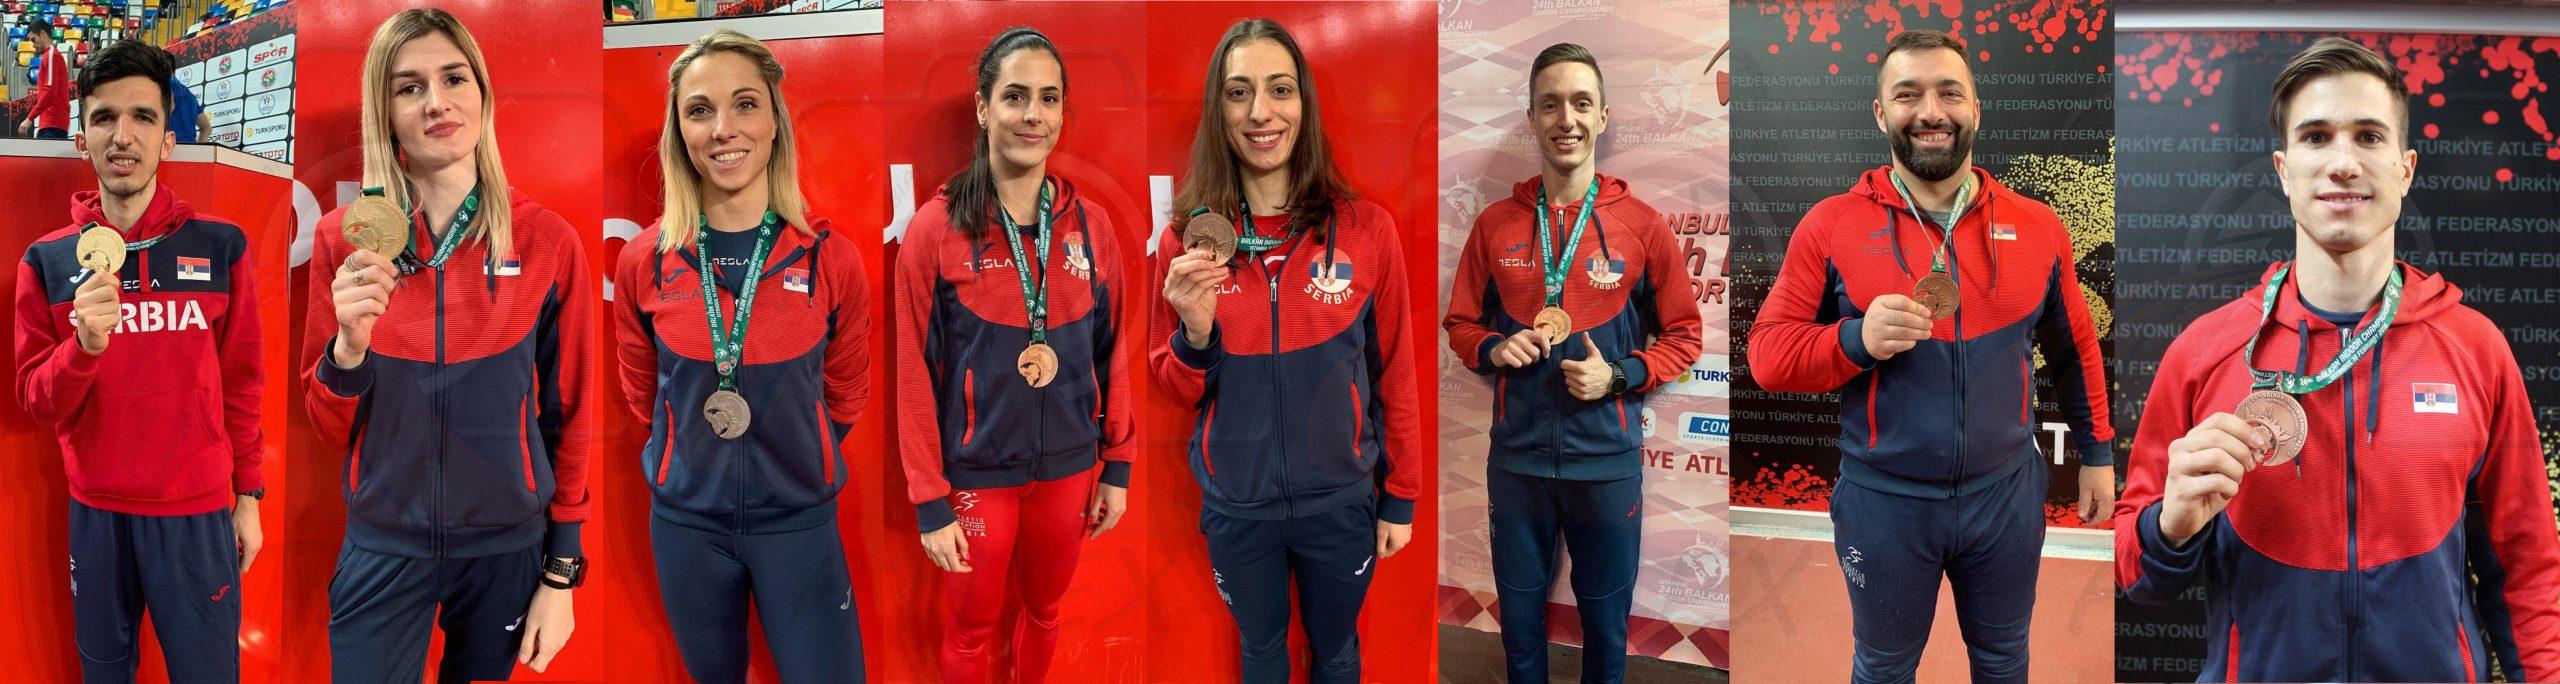 Osvajači medalja na dvoranskoj balkanijadi 2019